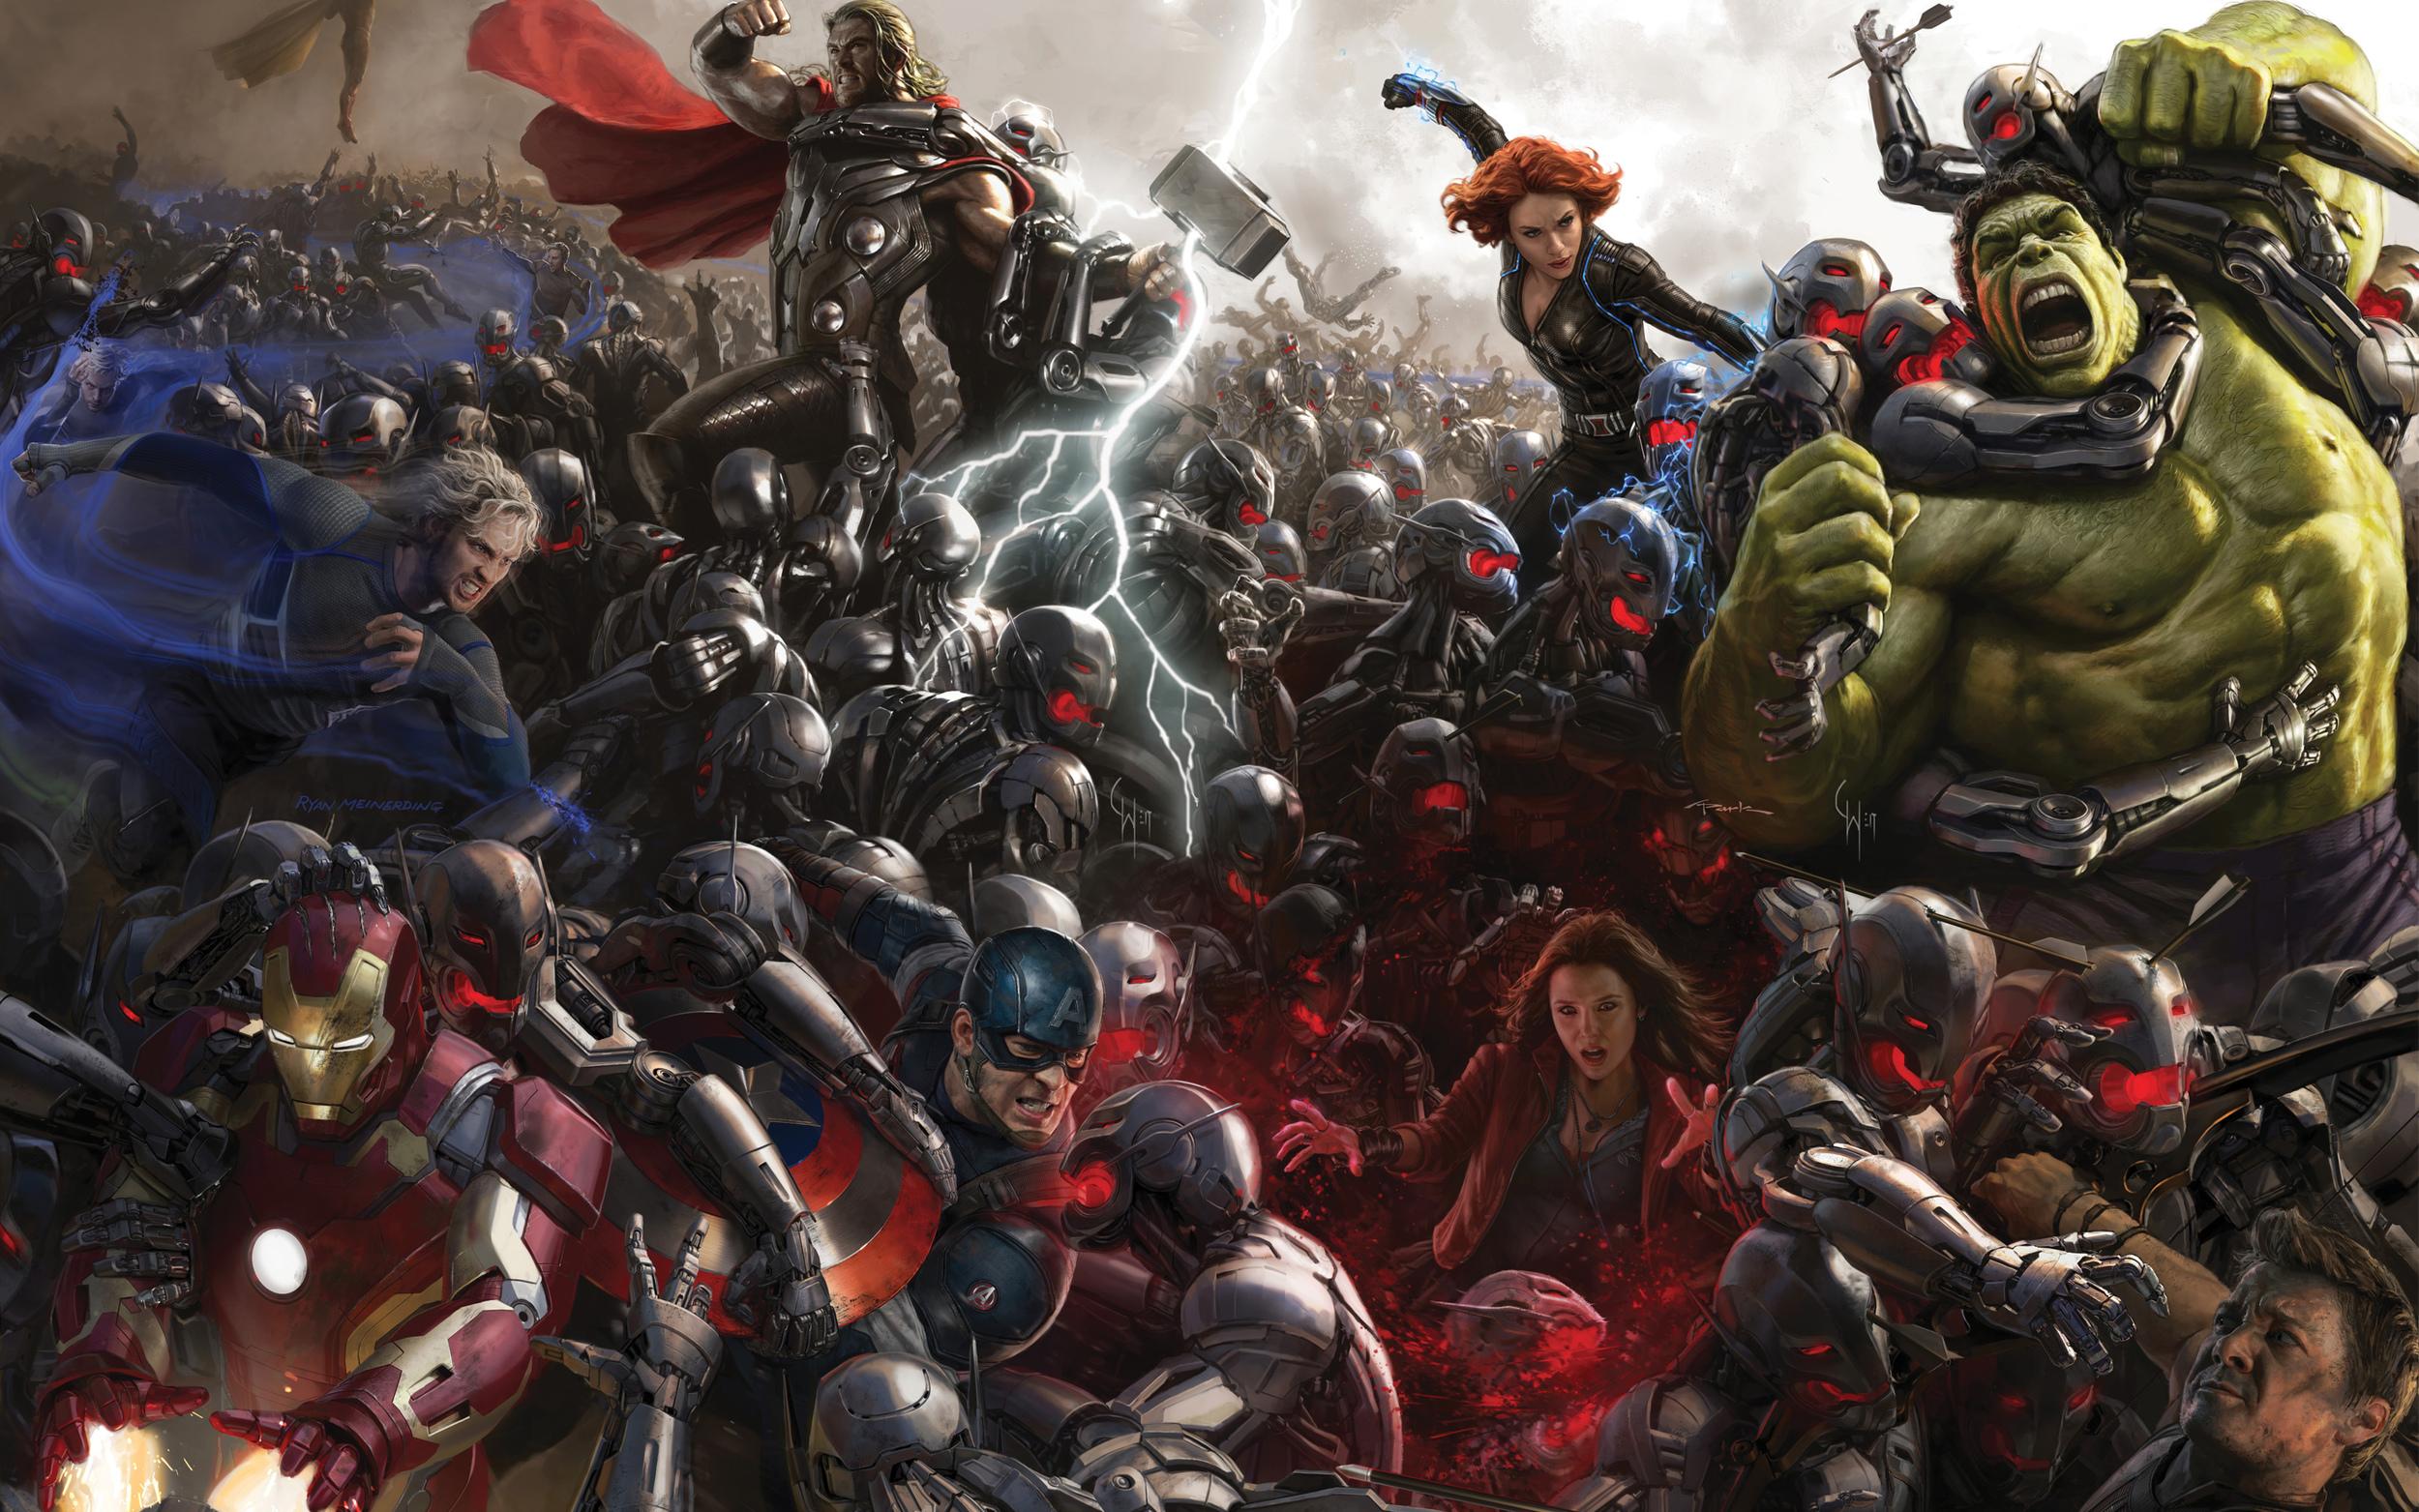 El universo cinematográfico de Marvel    es   un universo ficticio compartido, centrada en una serie de películas de superhéroes, producidas independientemente por Marvel Studios  . La franquicia se ha expandido hasta incluir cómics, cortometrajes y series de televisión.